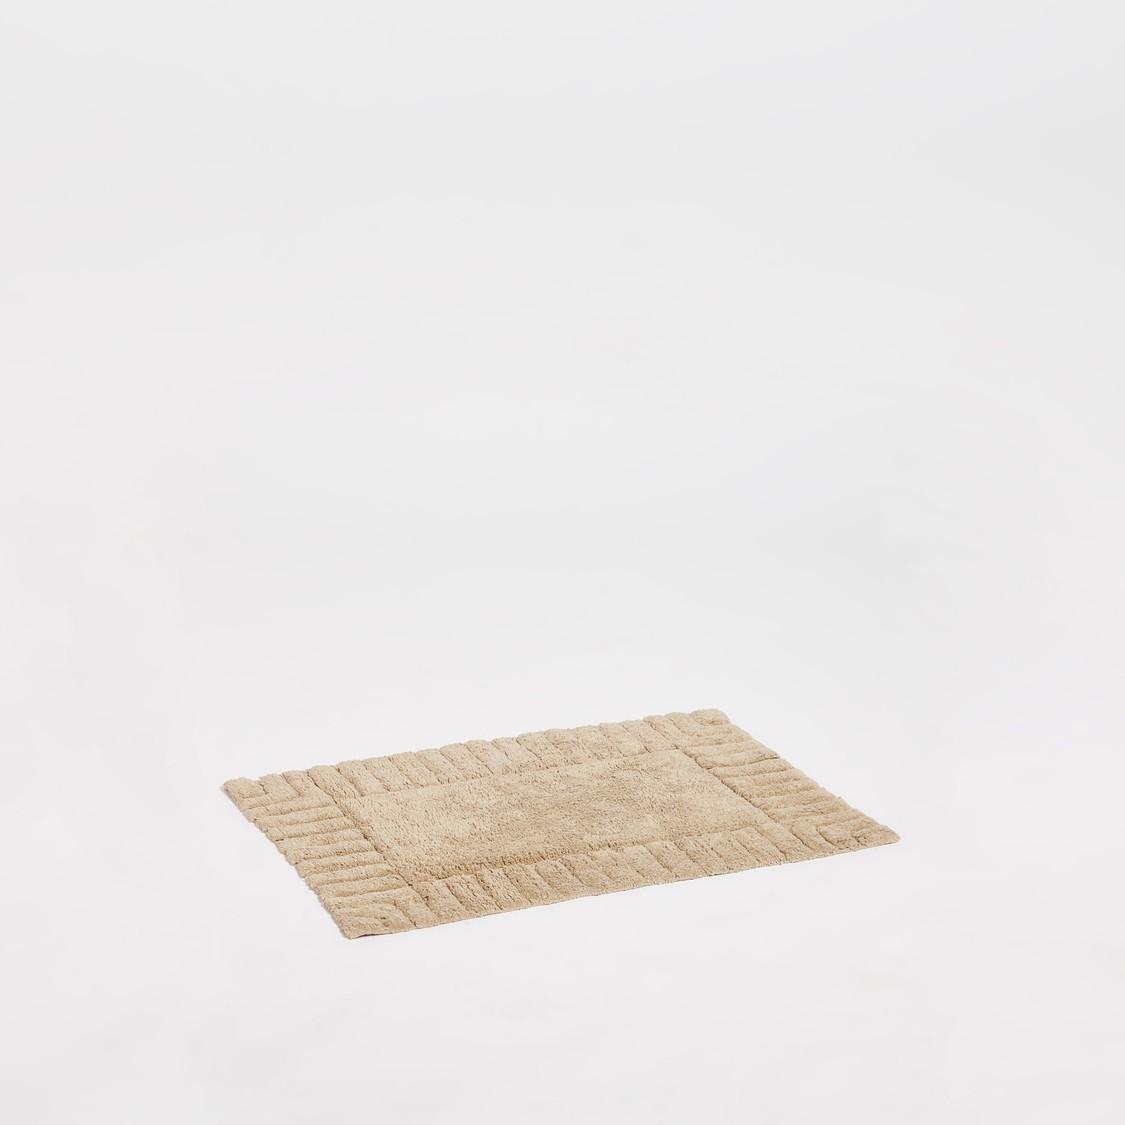 Textured Rectangular Bath Mat - 80x50 cms